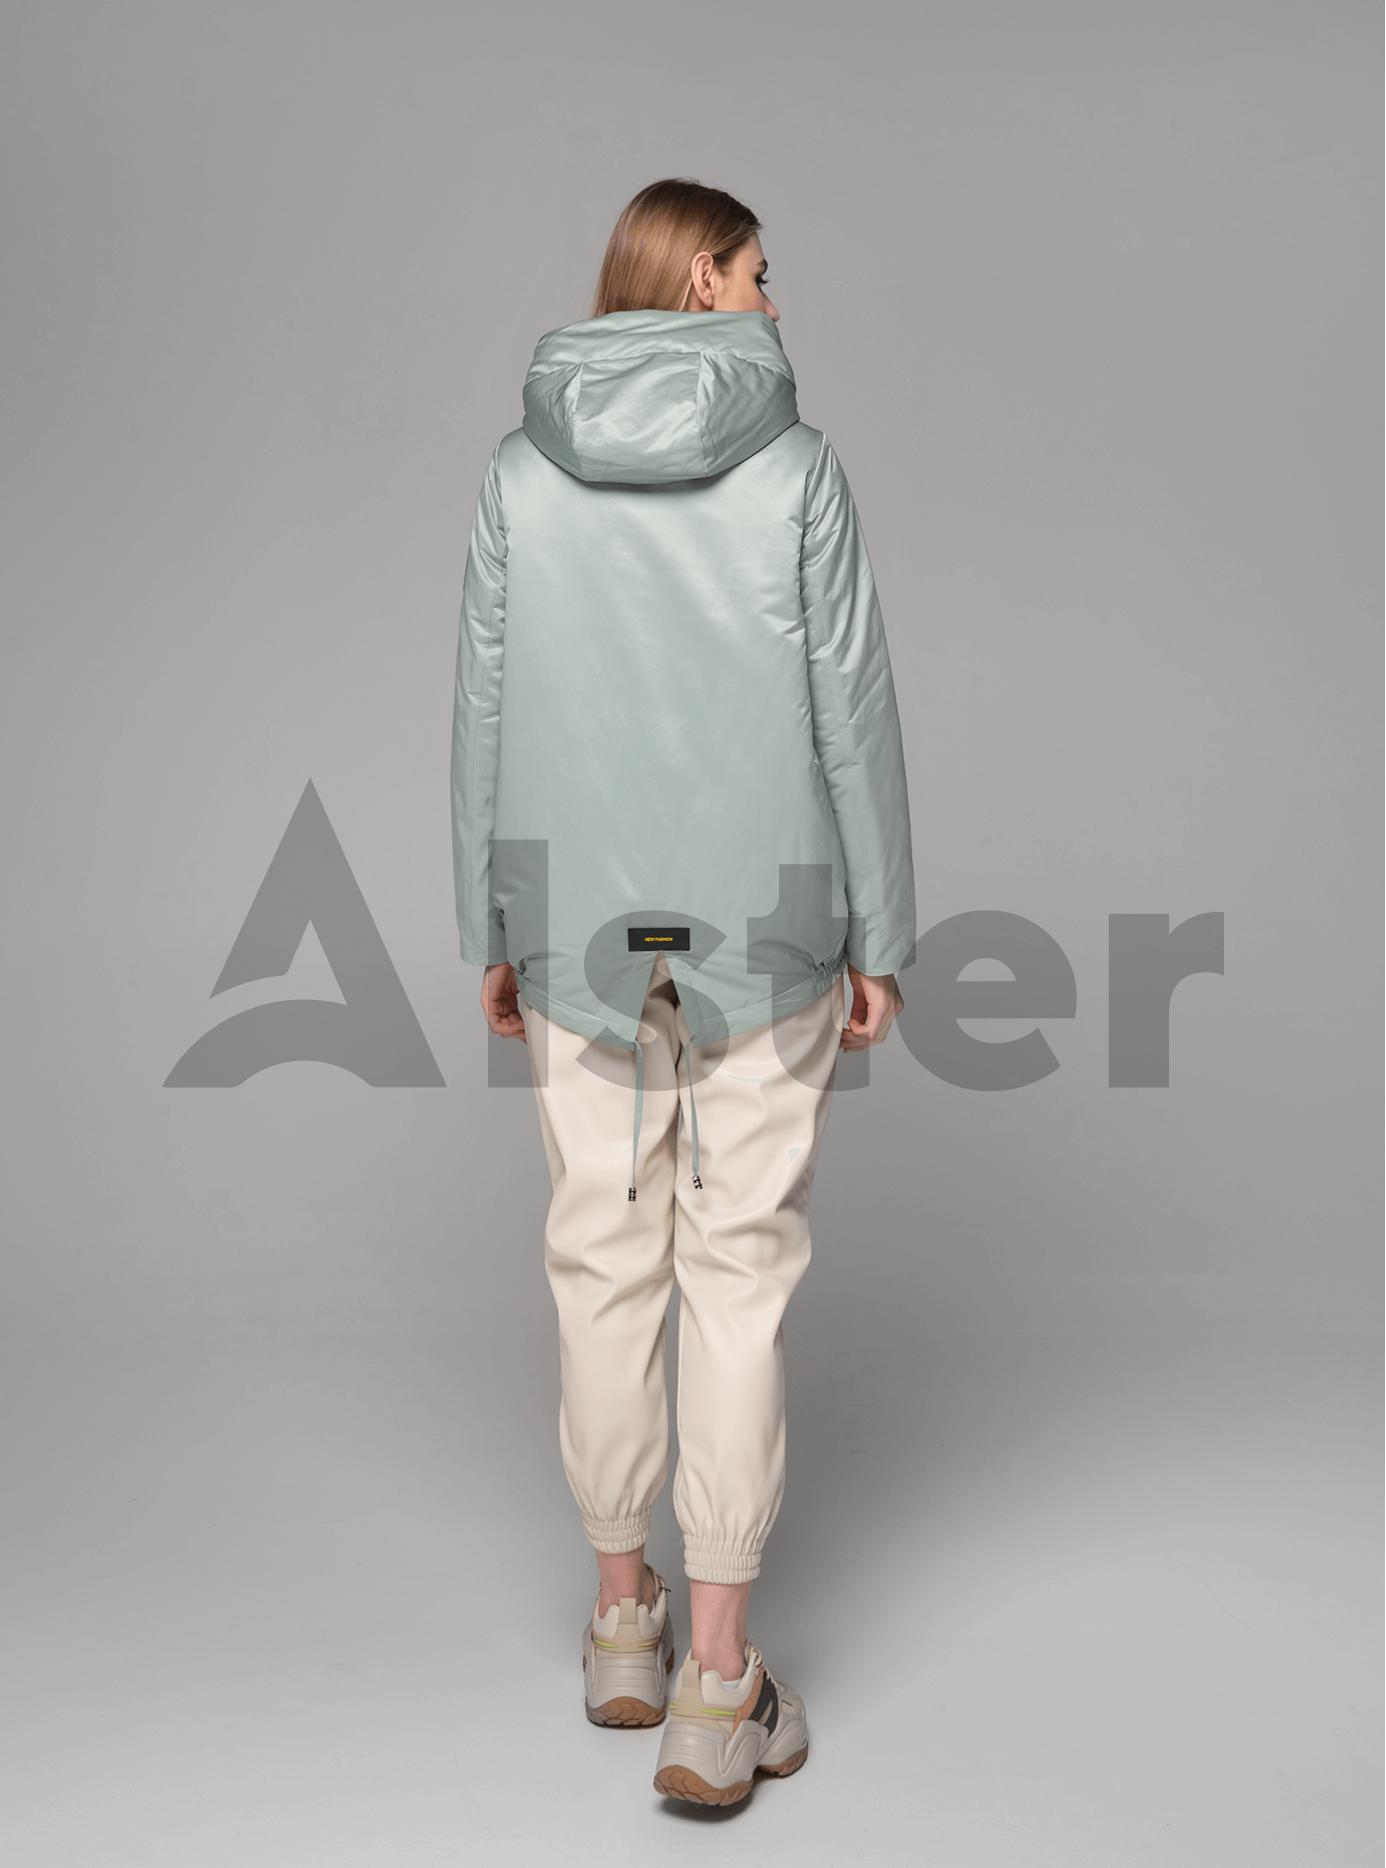 Куртка демисезонная короткая с разрезом на спине Серо-зелёный M (02-V191075): фото - Alster.ua